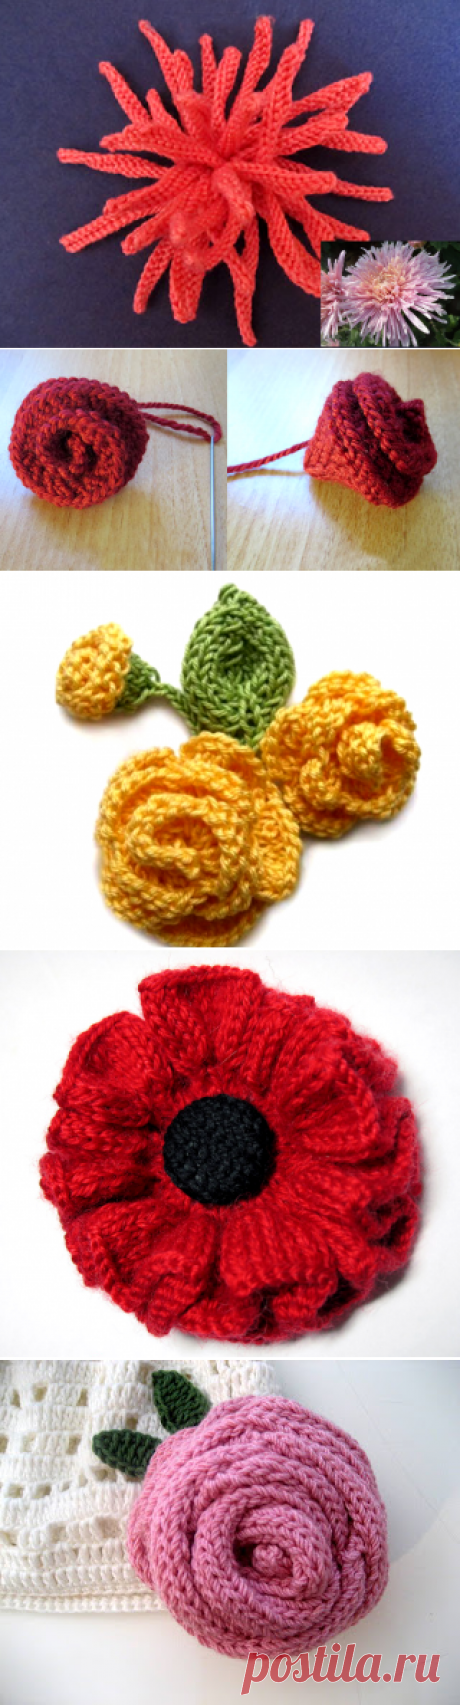 Цветы спицами схемы и описание для начинающих